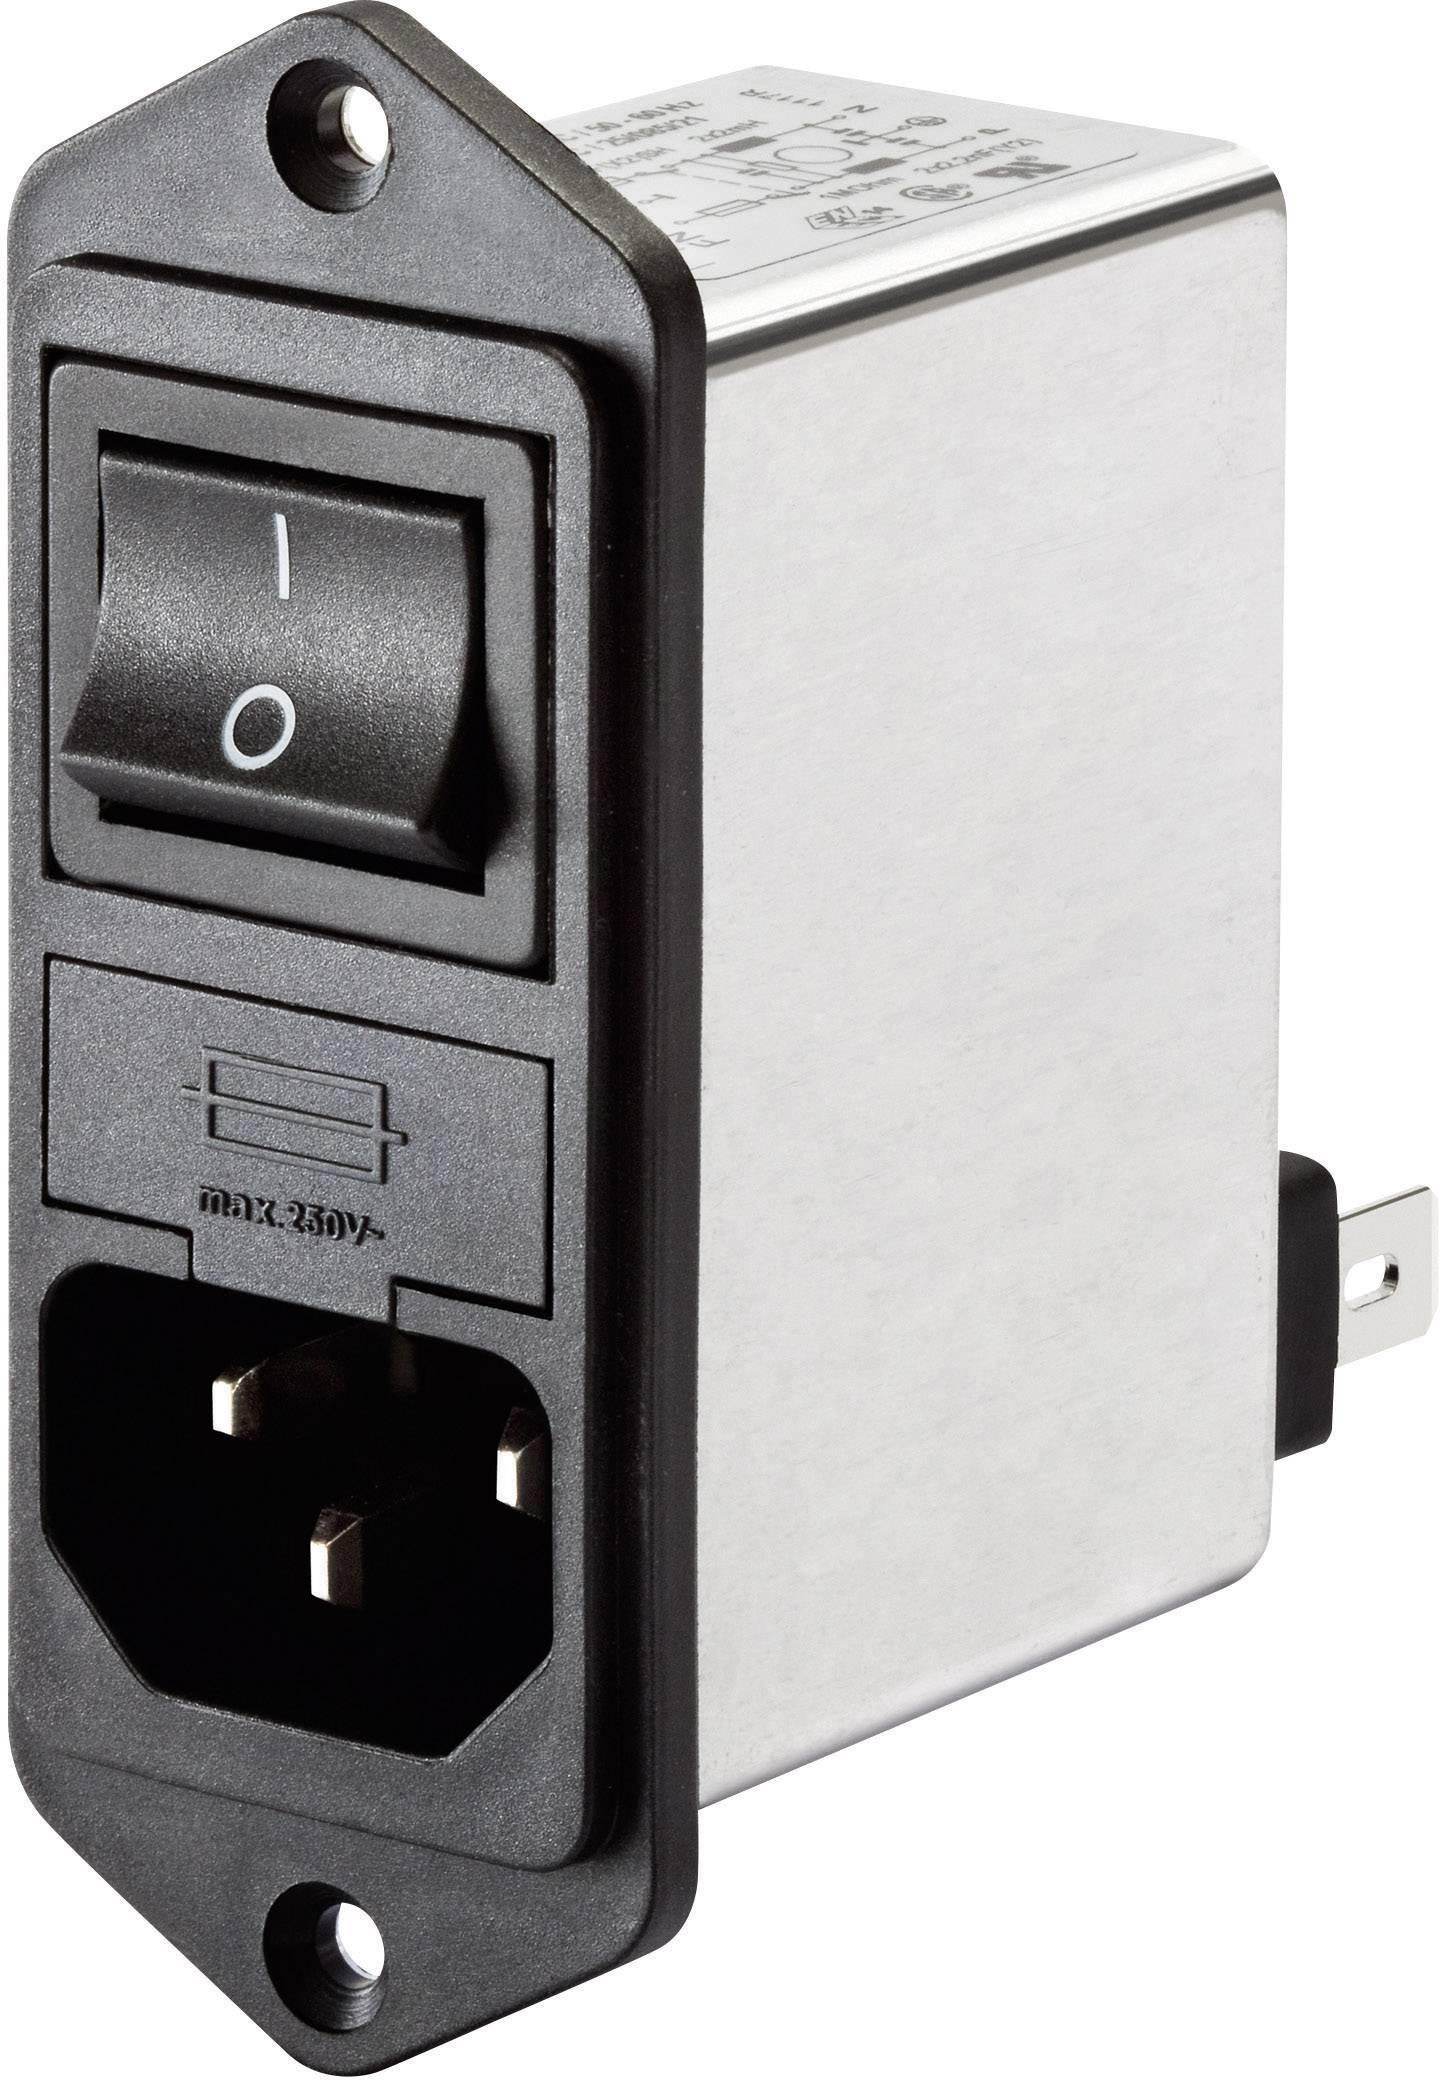 Sieťový filter Schaffner FN 284-6-06 FN 284-6-06, so spínačom, s IEC zásuvkou, 250 V/AC, 6 A, 0.45 mH, 1 ks